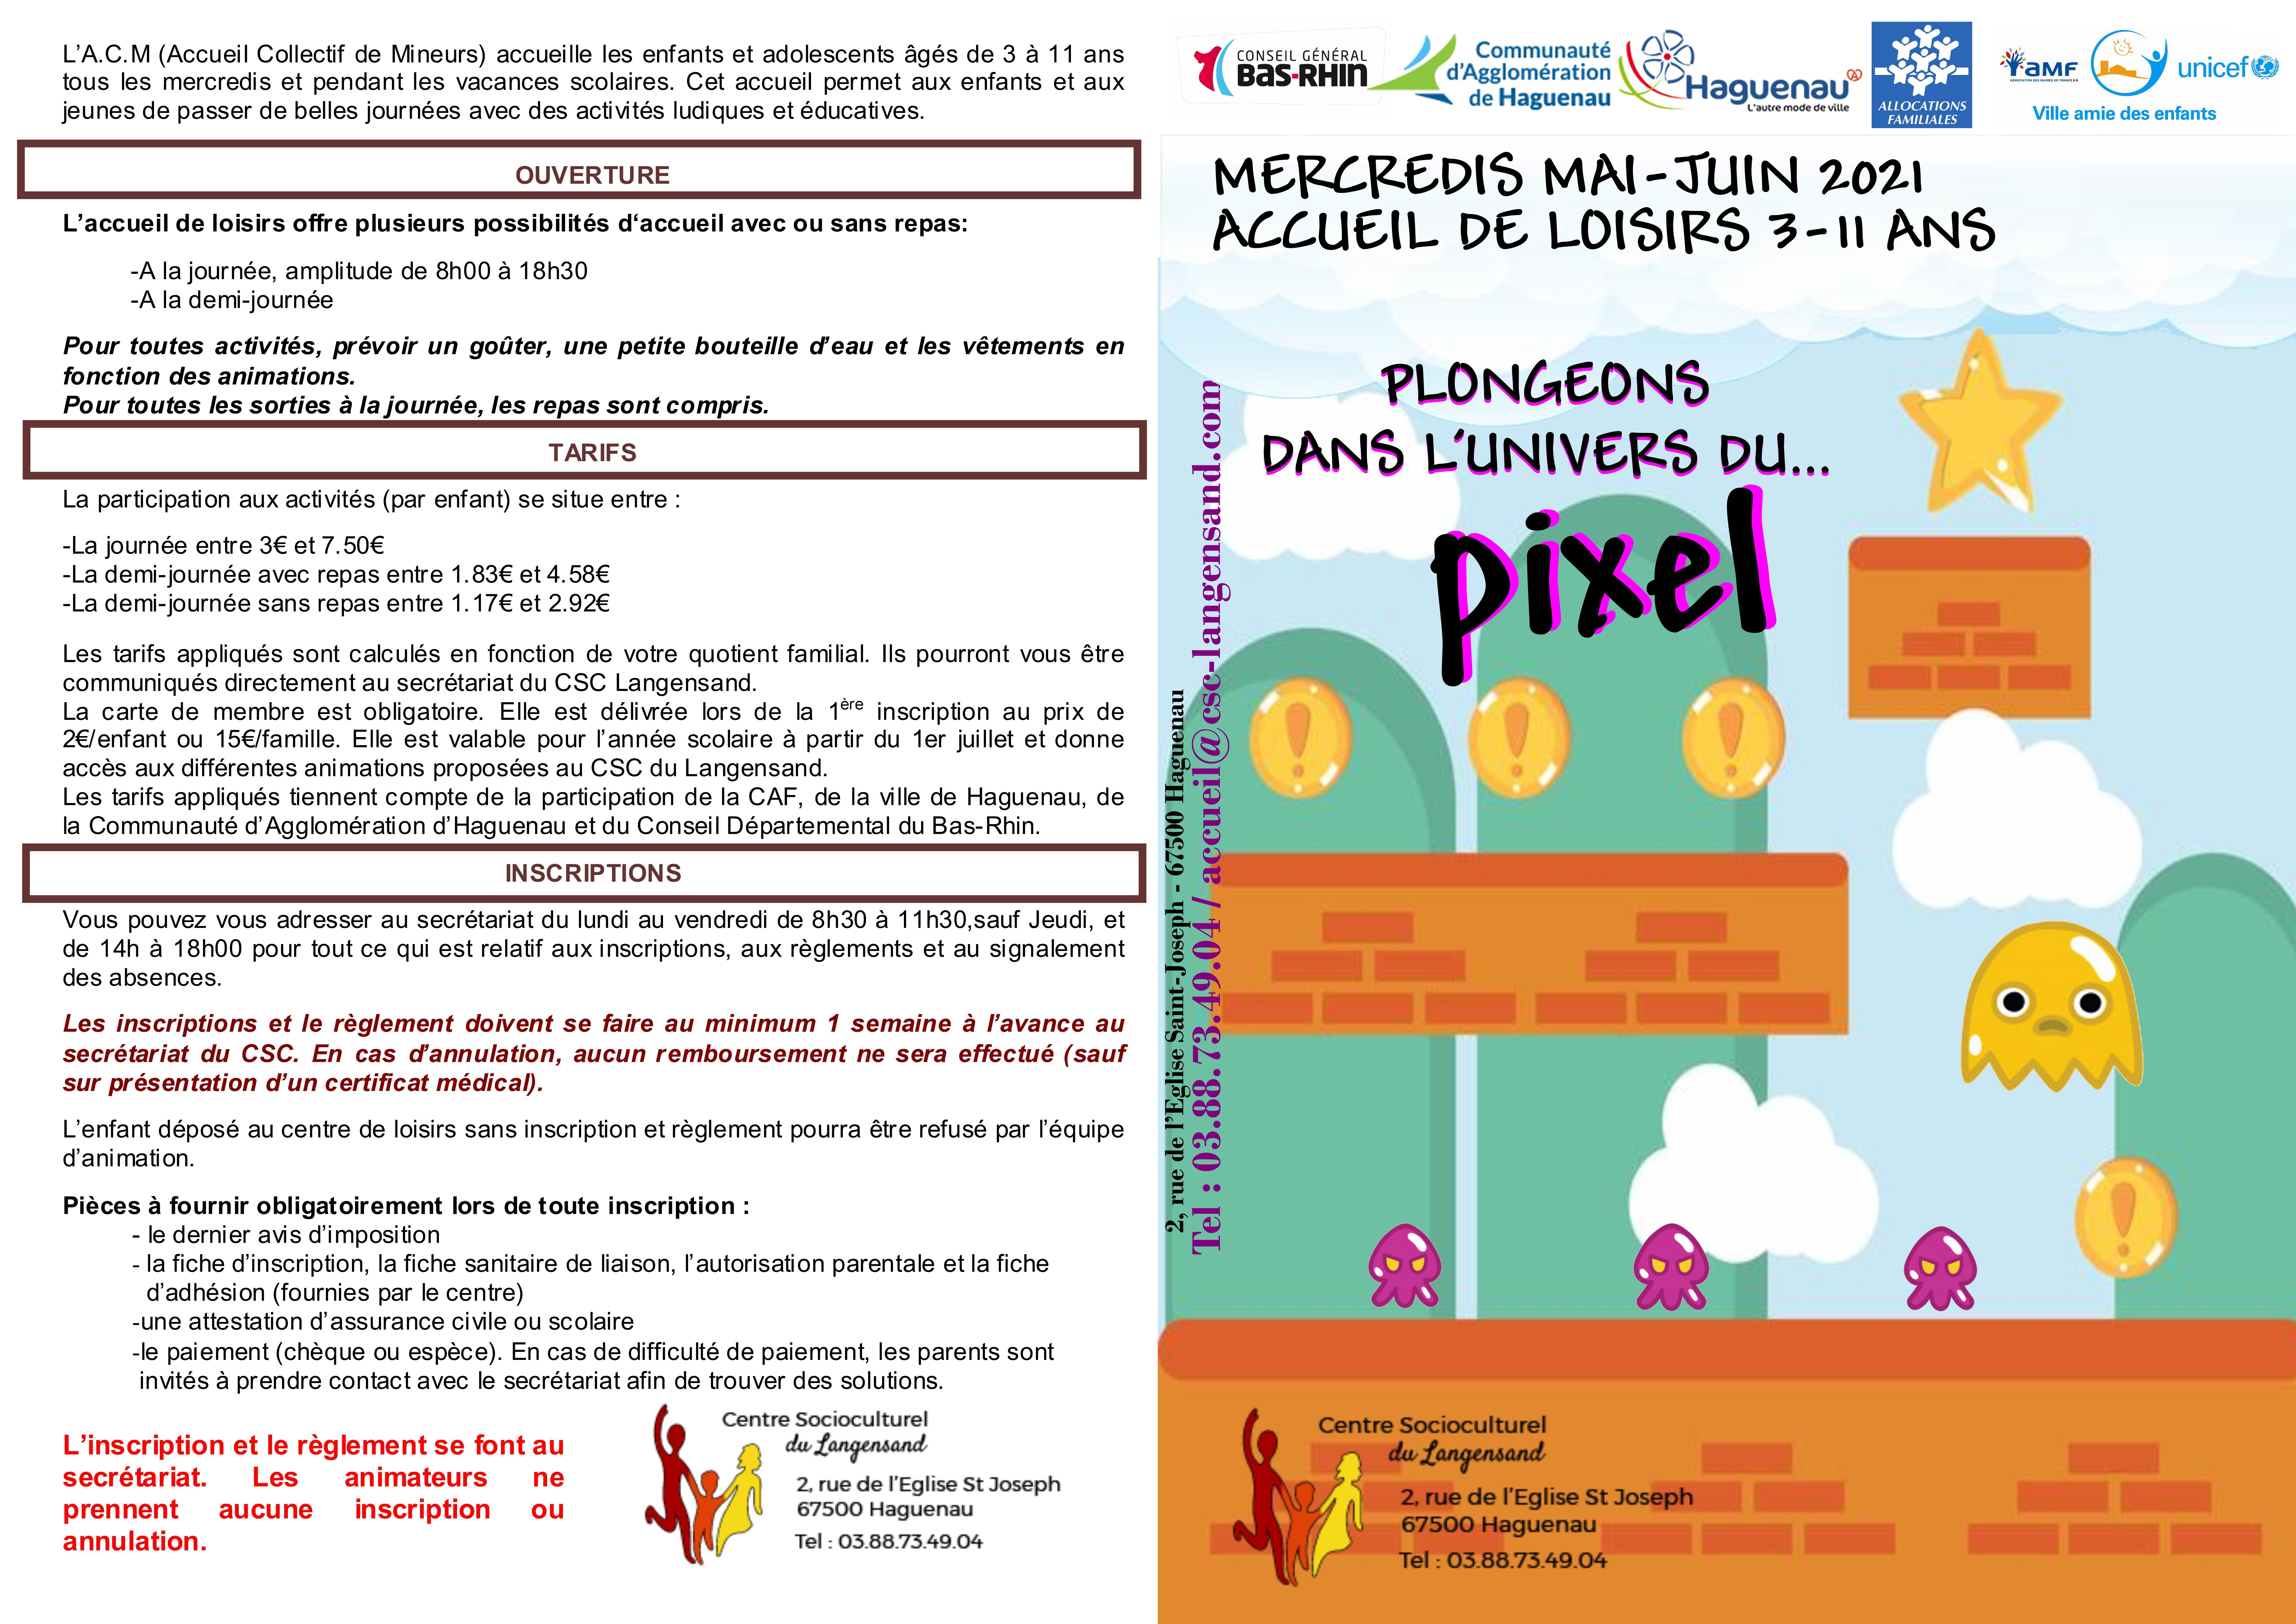 Pôle enfance : Programme mercredis Mai Juin 2021 accueil de loisirs